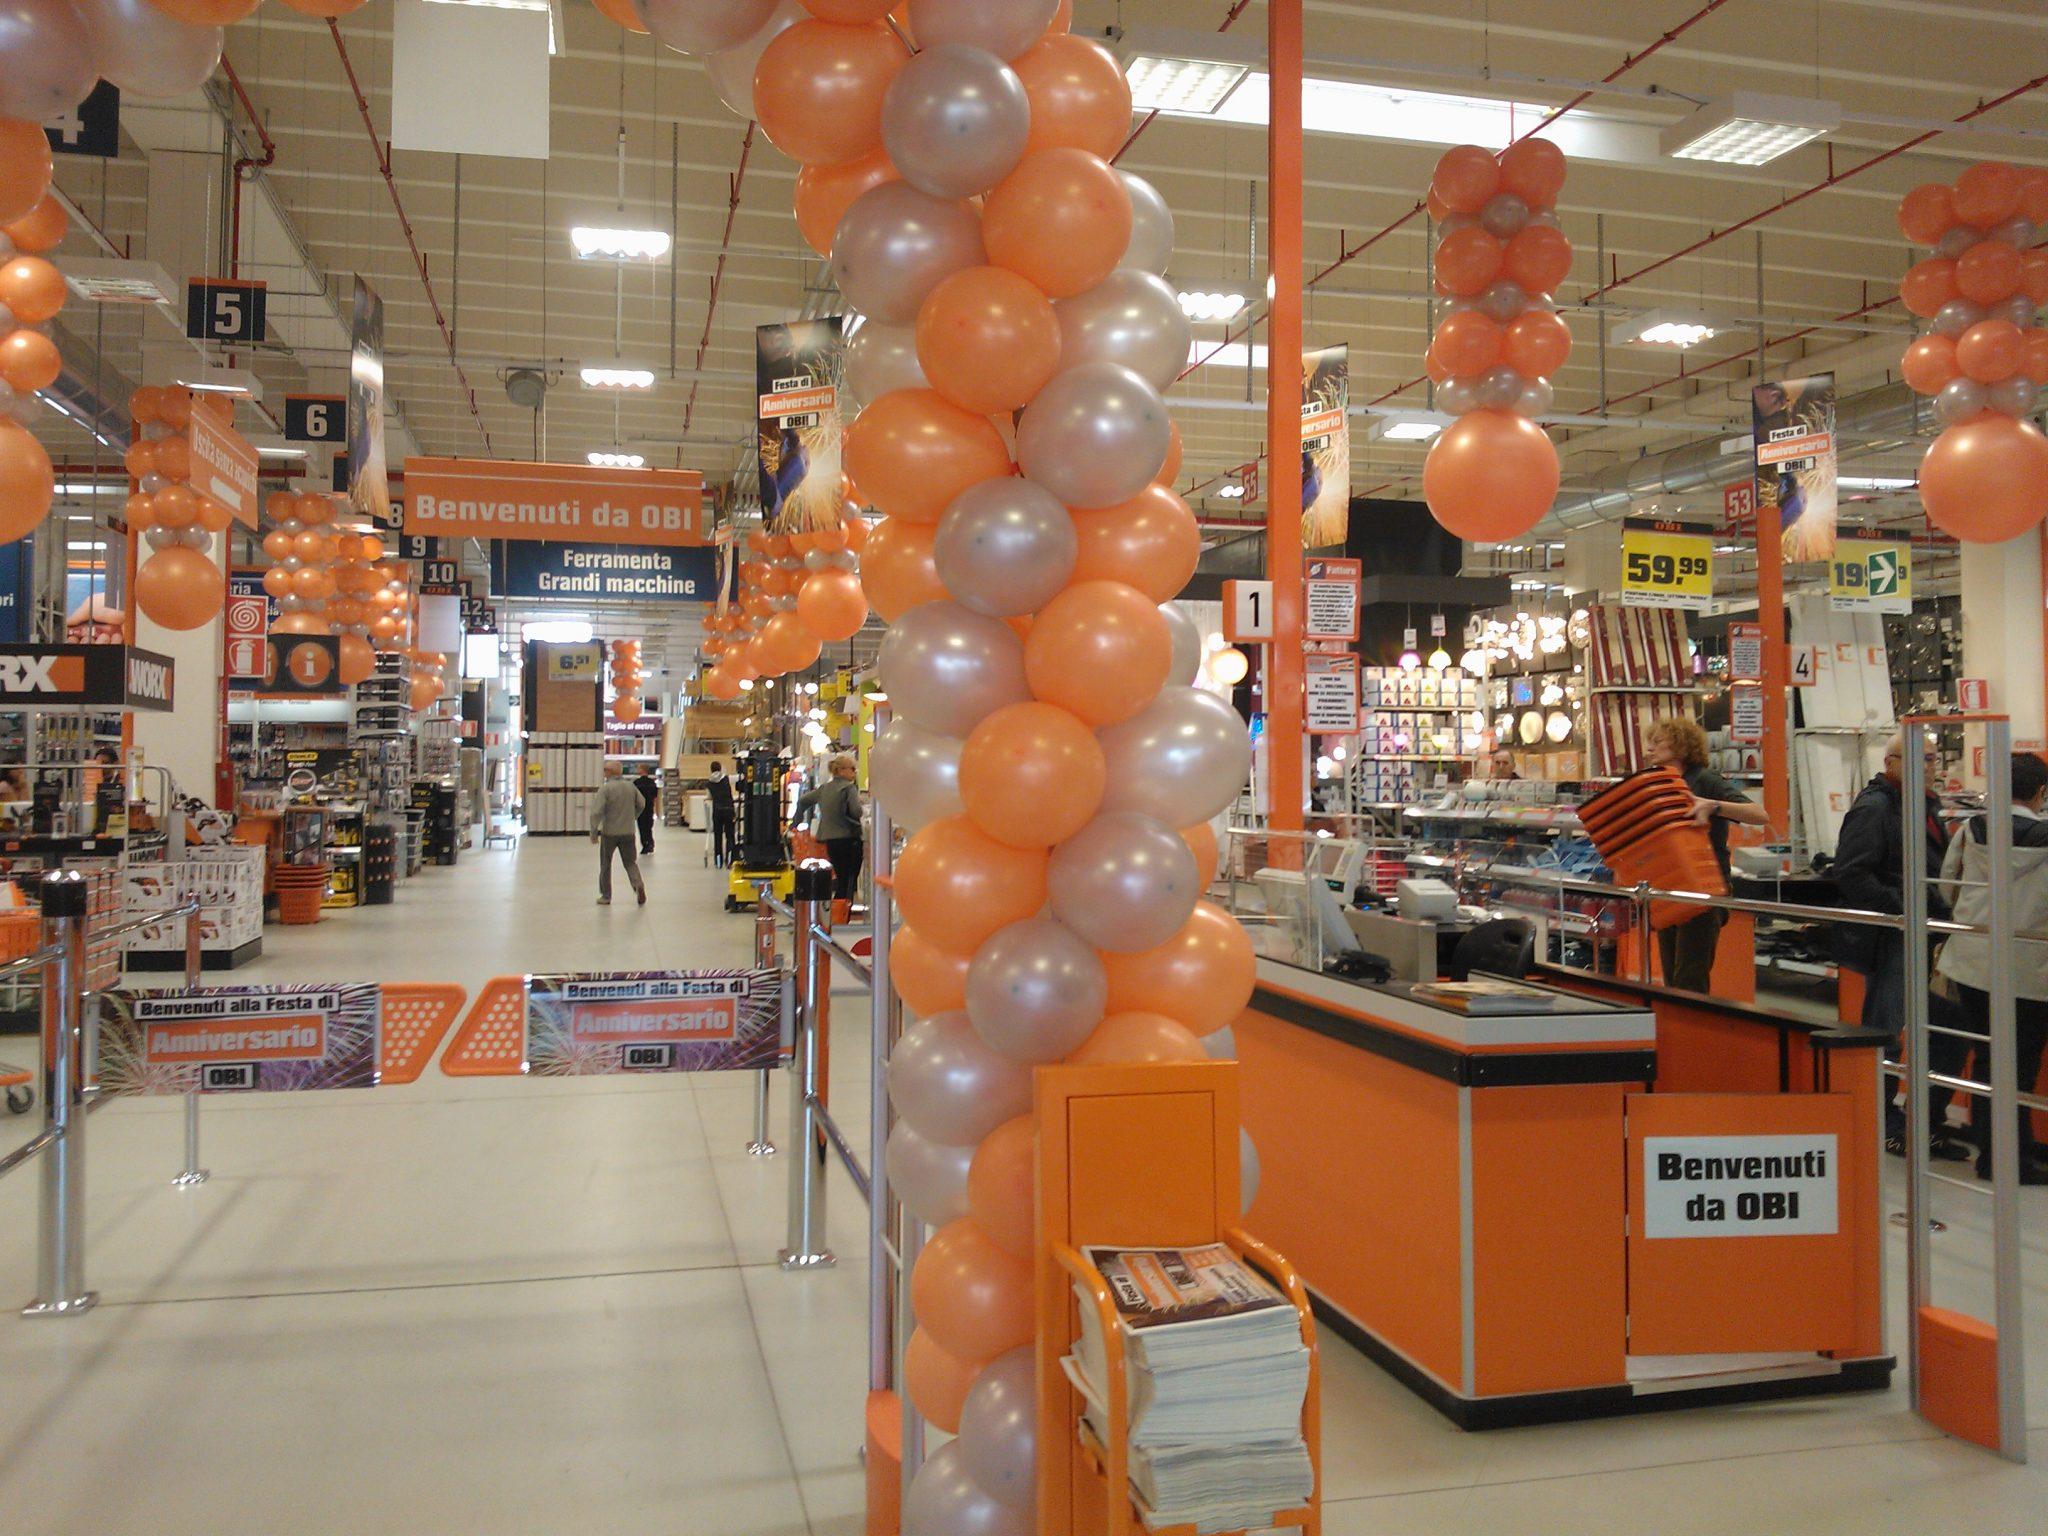 Allestito con i palloncini personalizzati, l'inaugurazione aziendale Centro OBI Udine (friuli)